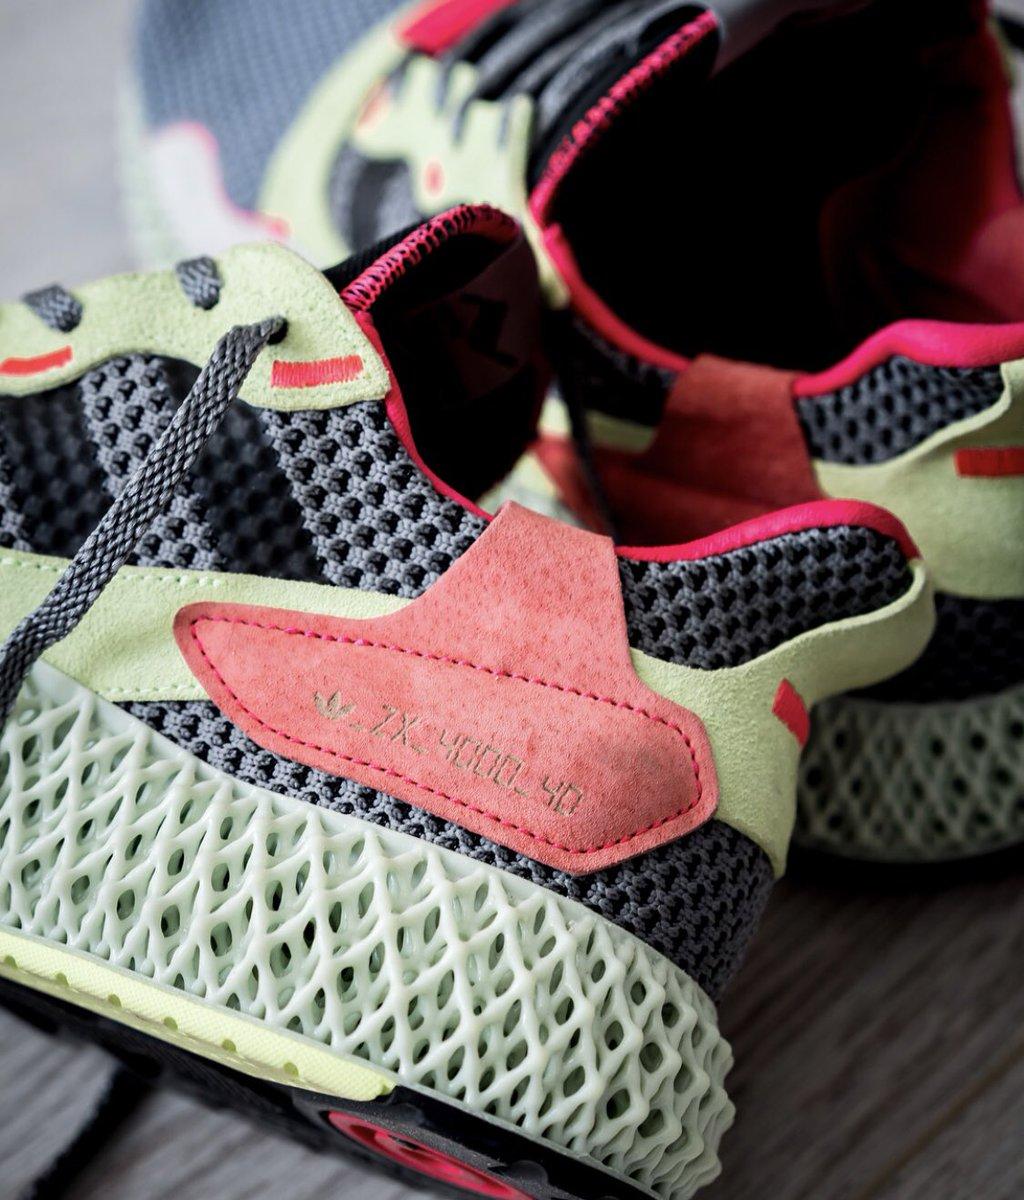 adidas zx4000_4d